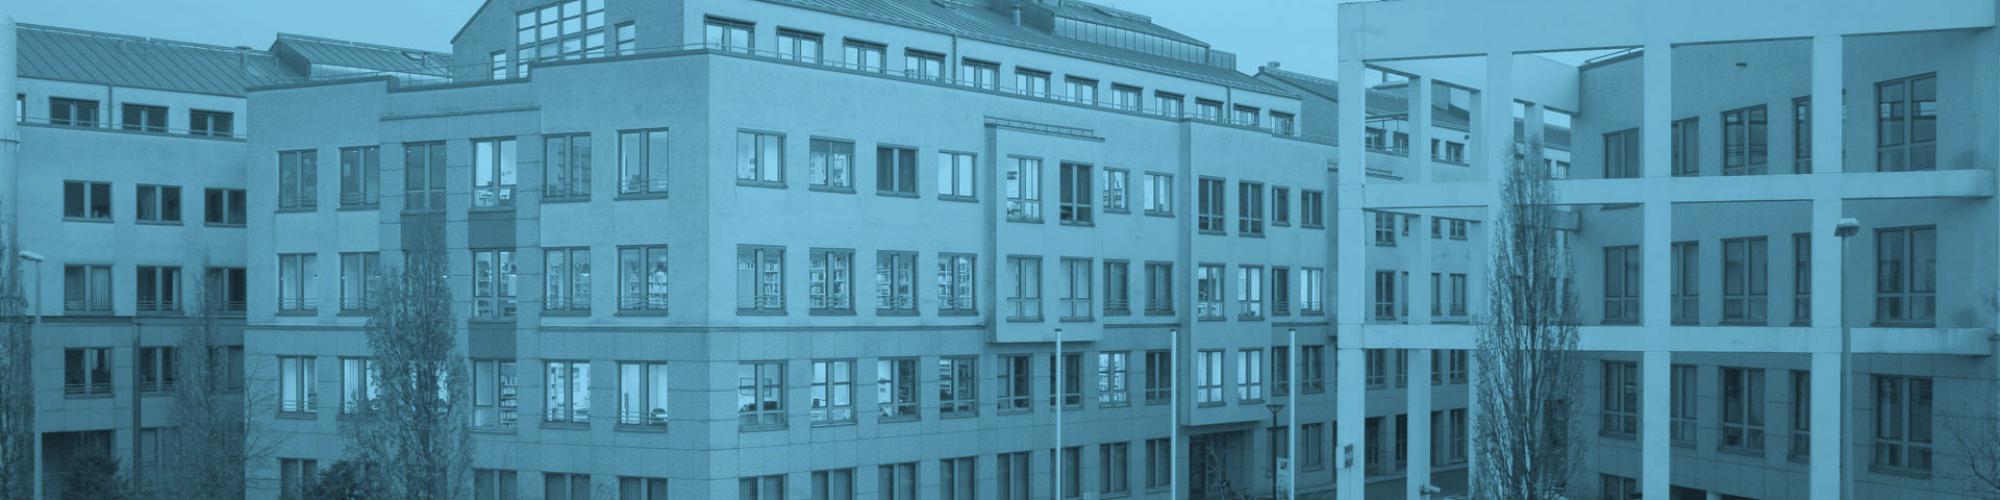 Leibniz-Institut für Länderkunde e. V.